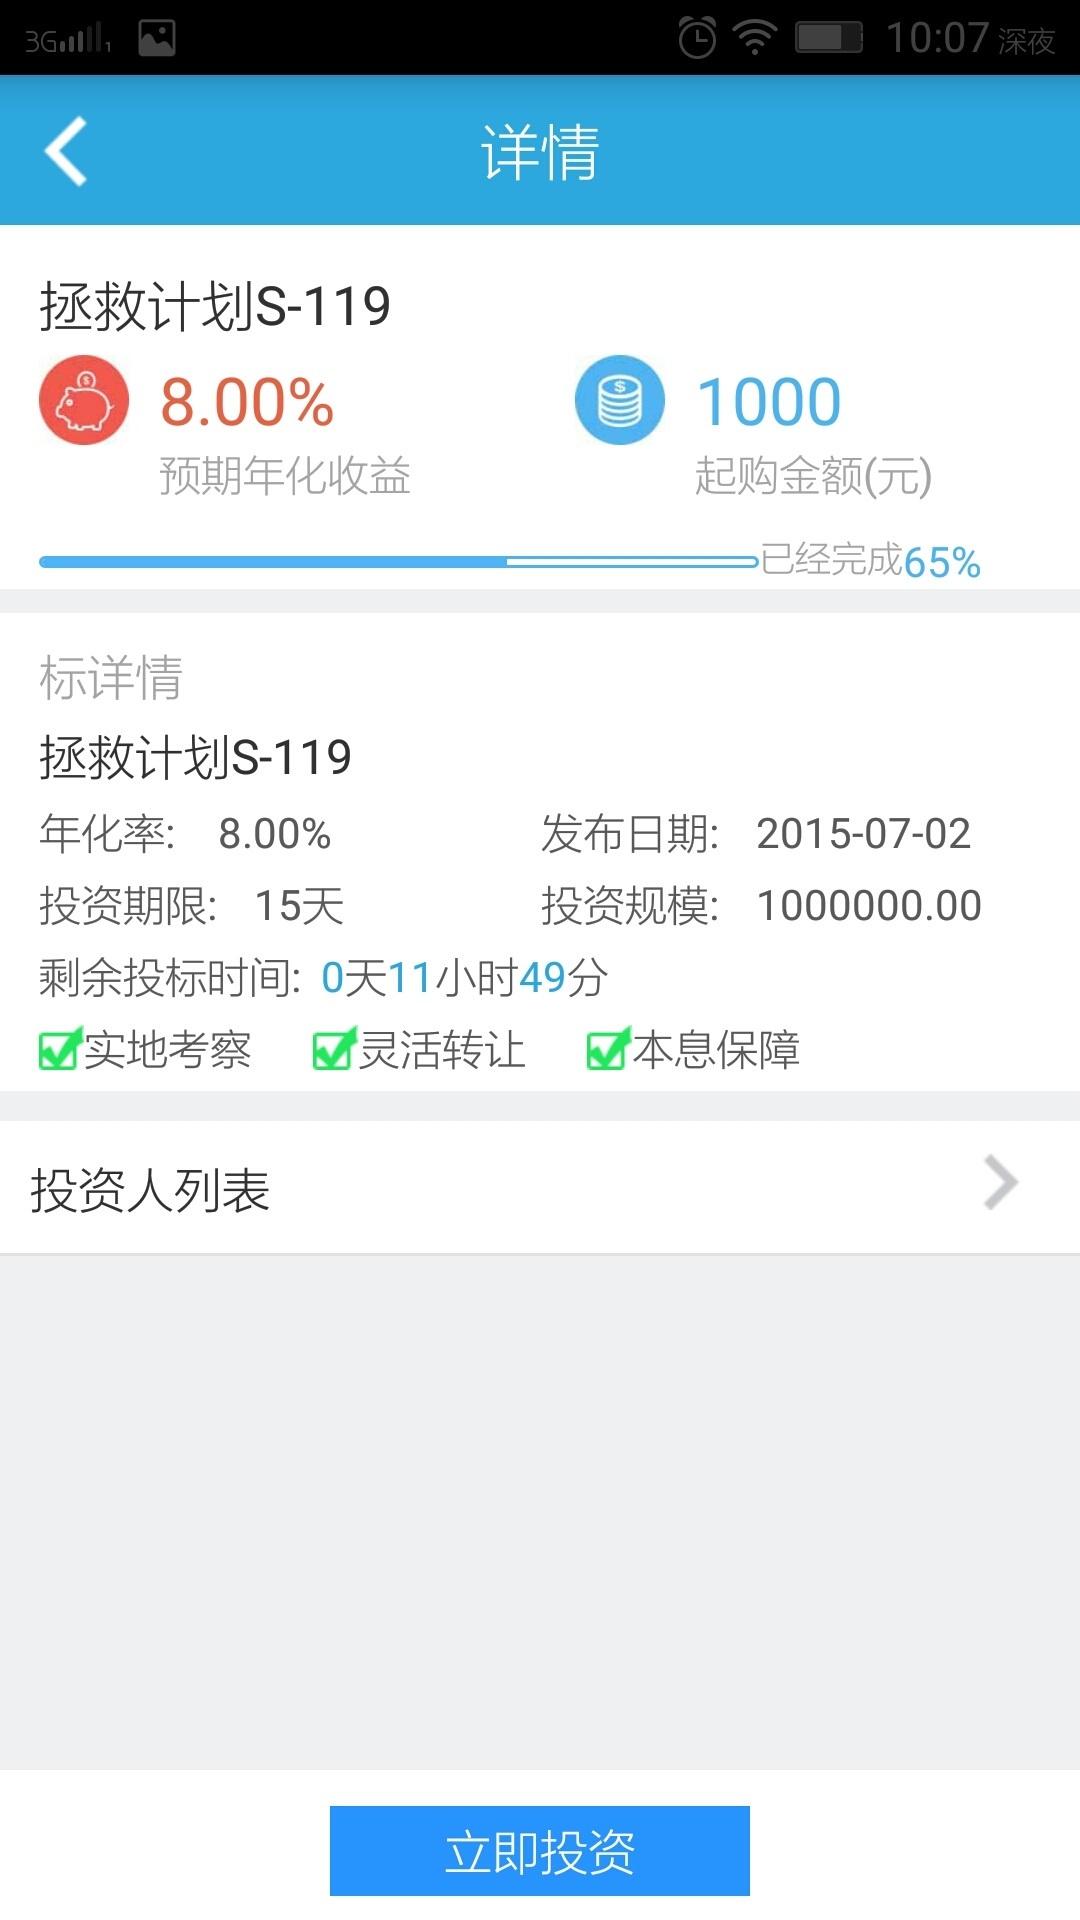 盛世财富 V1.0.6 安卓版截图2